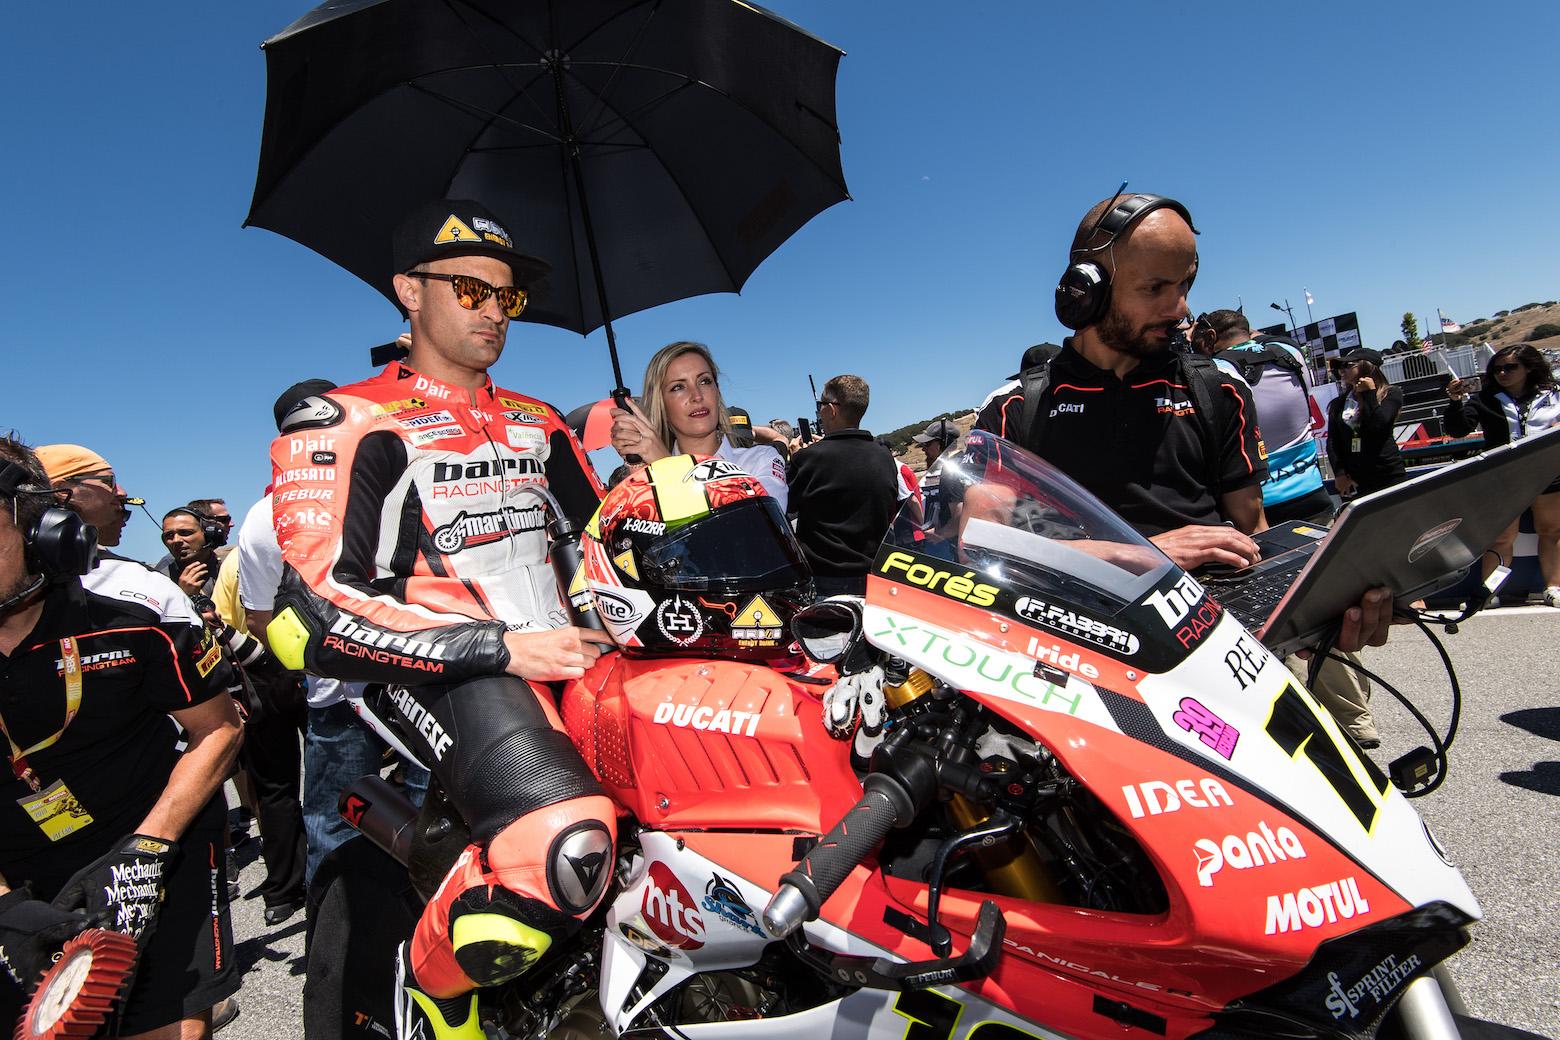 Xavi Forés en MotoGP con Avintia y Ducati